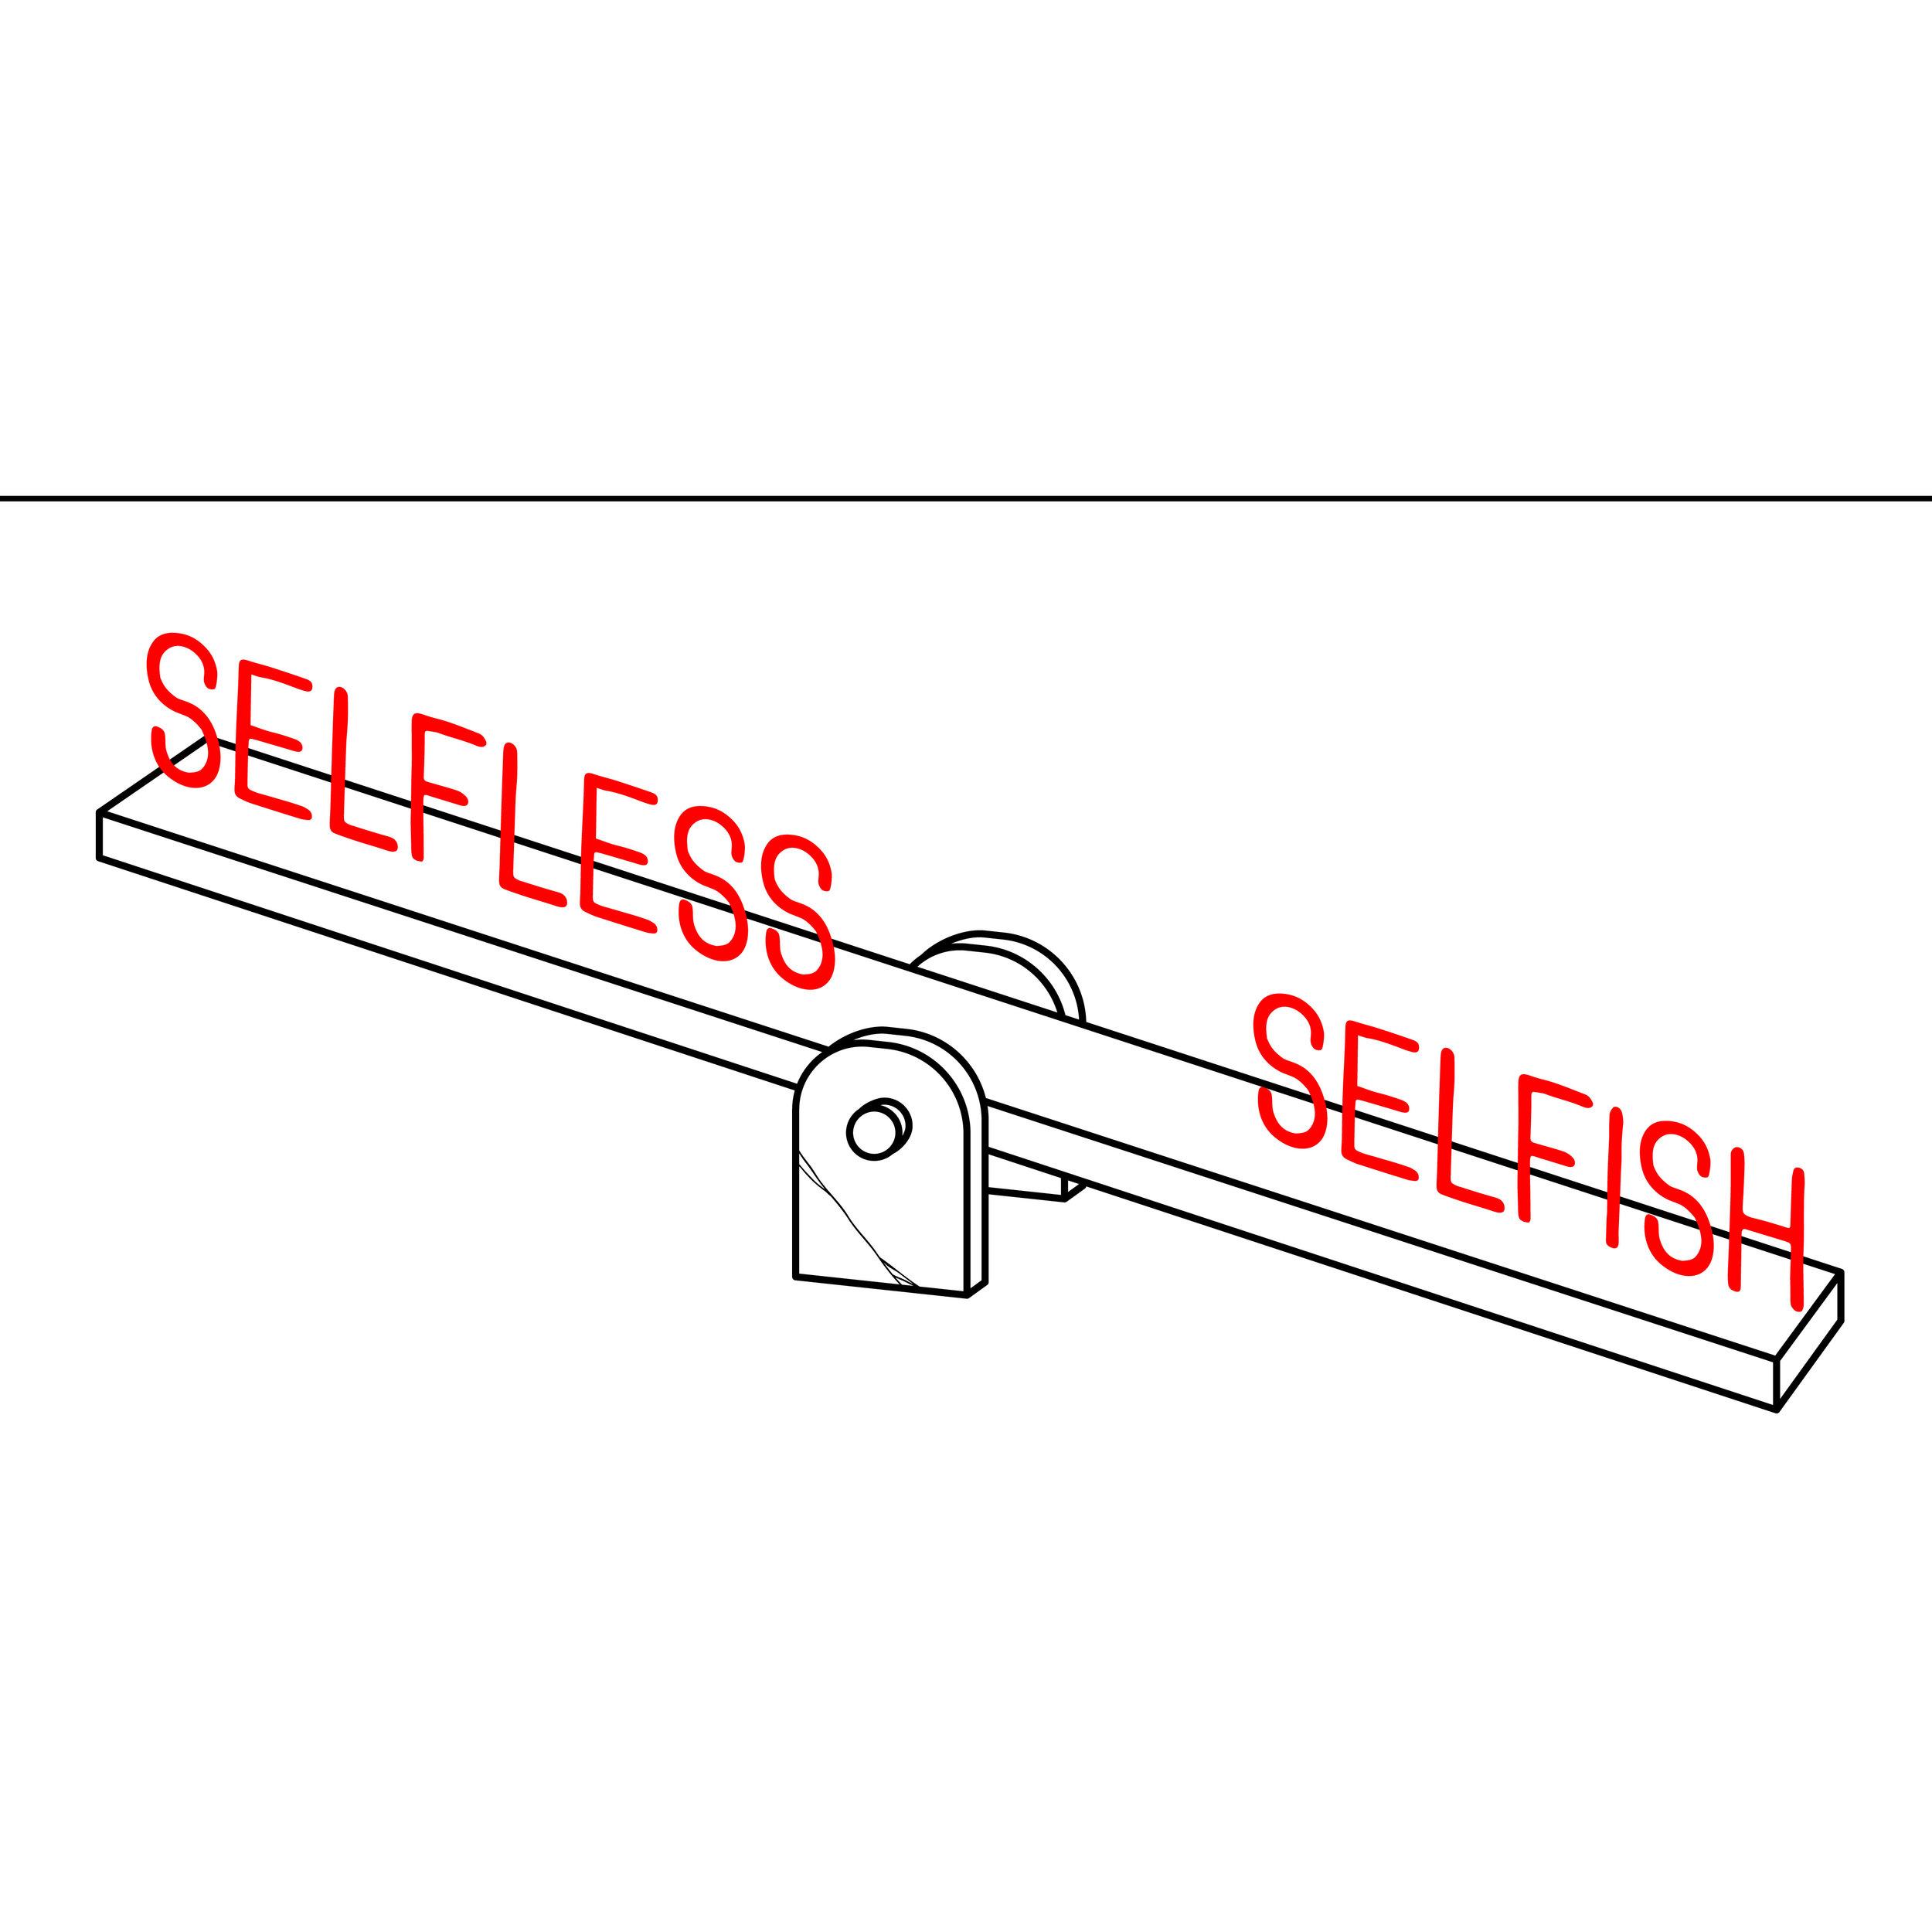 selfless-01.jpg